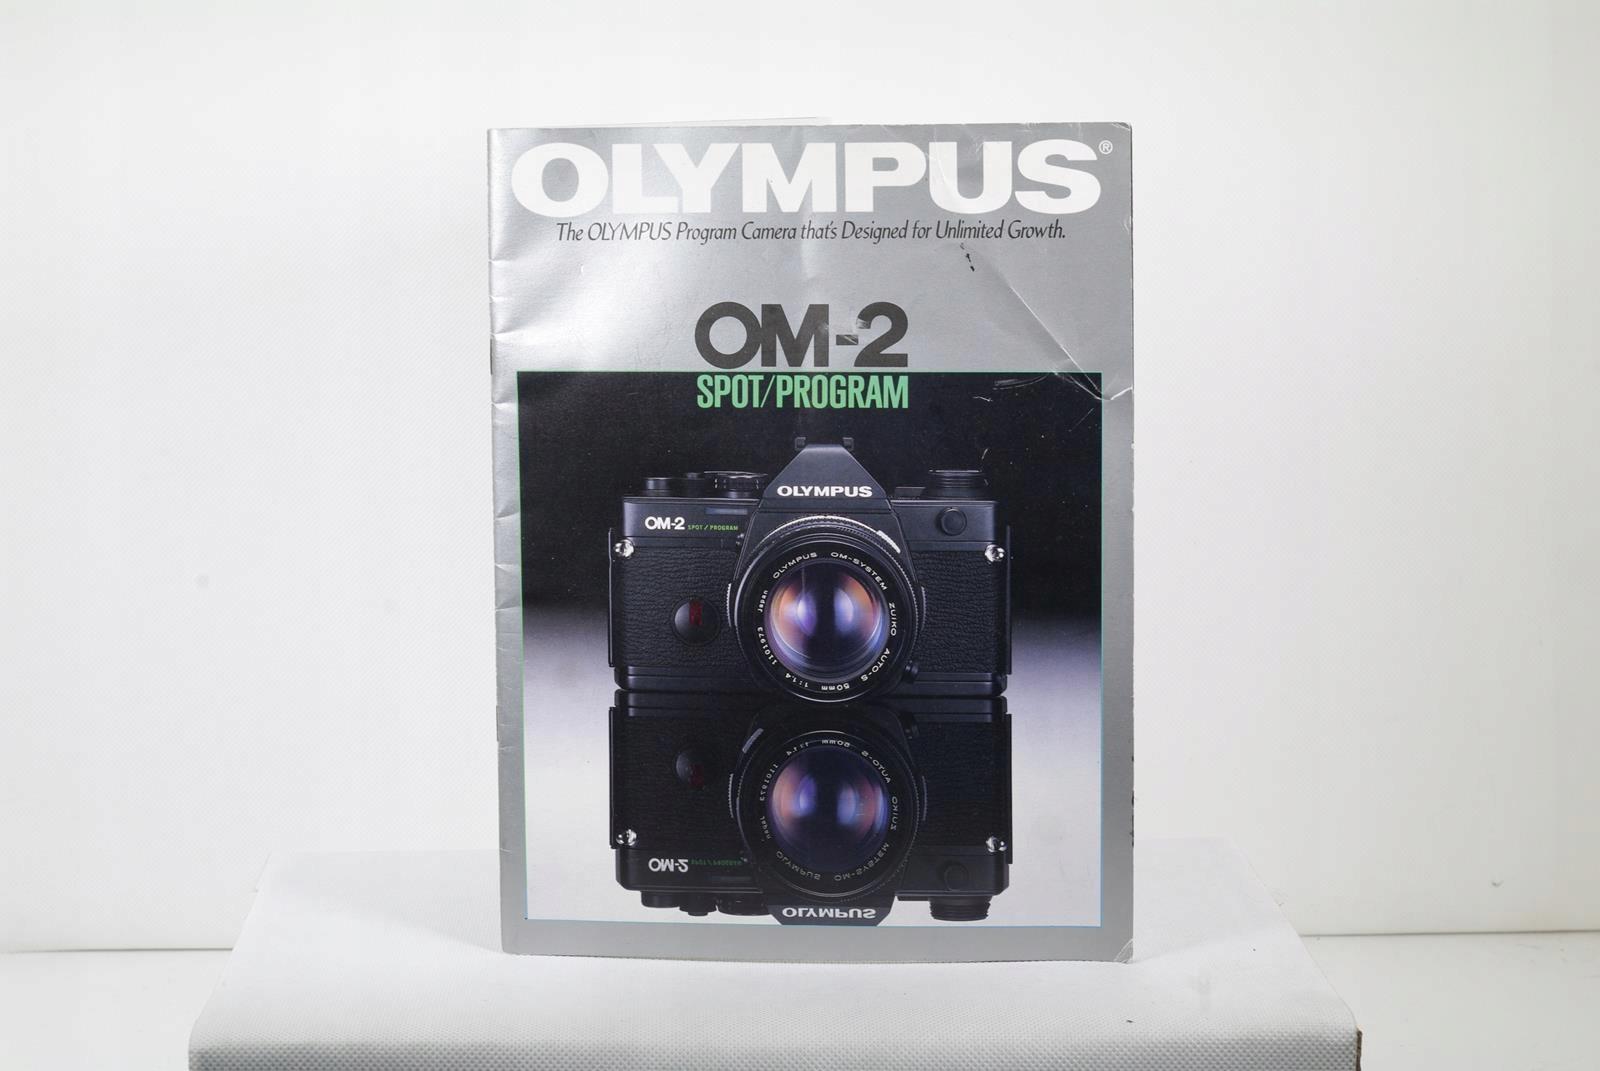 Factory OLYMPUS OM-2 SPOT / PROGRAM